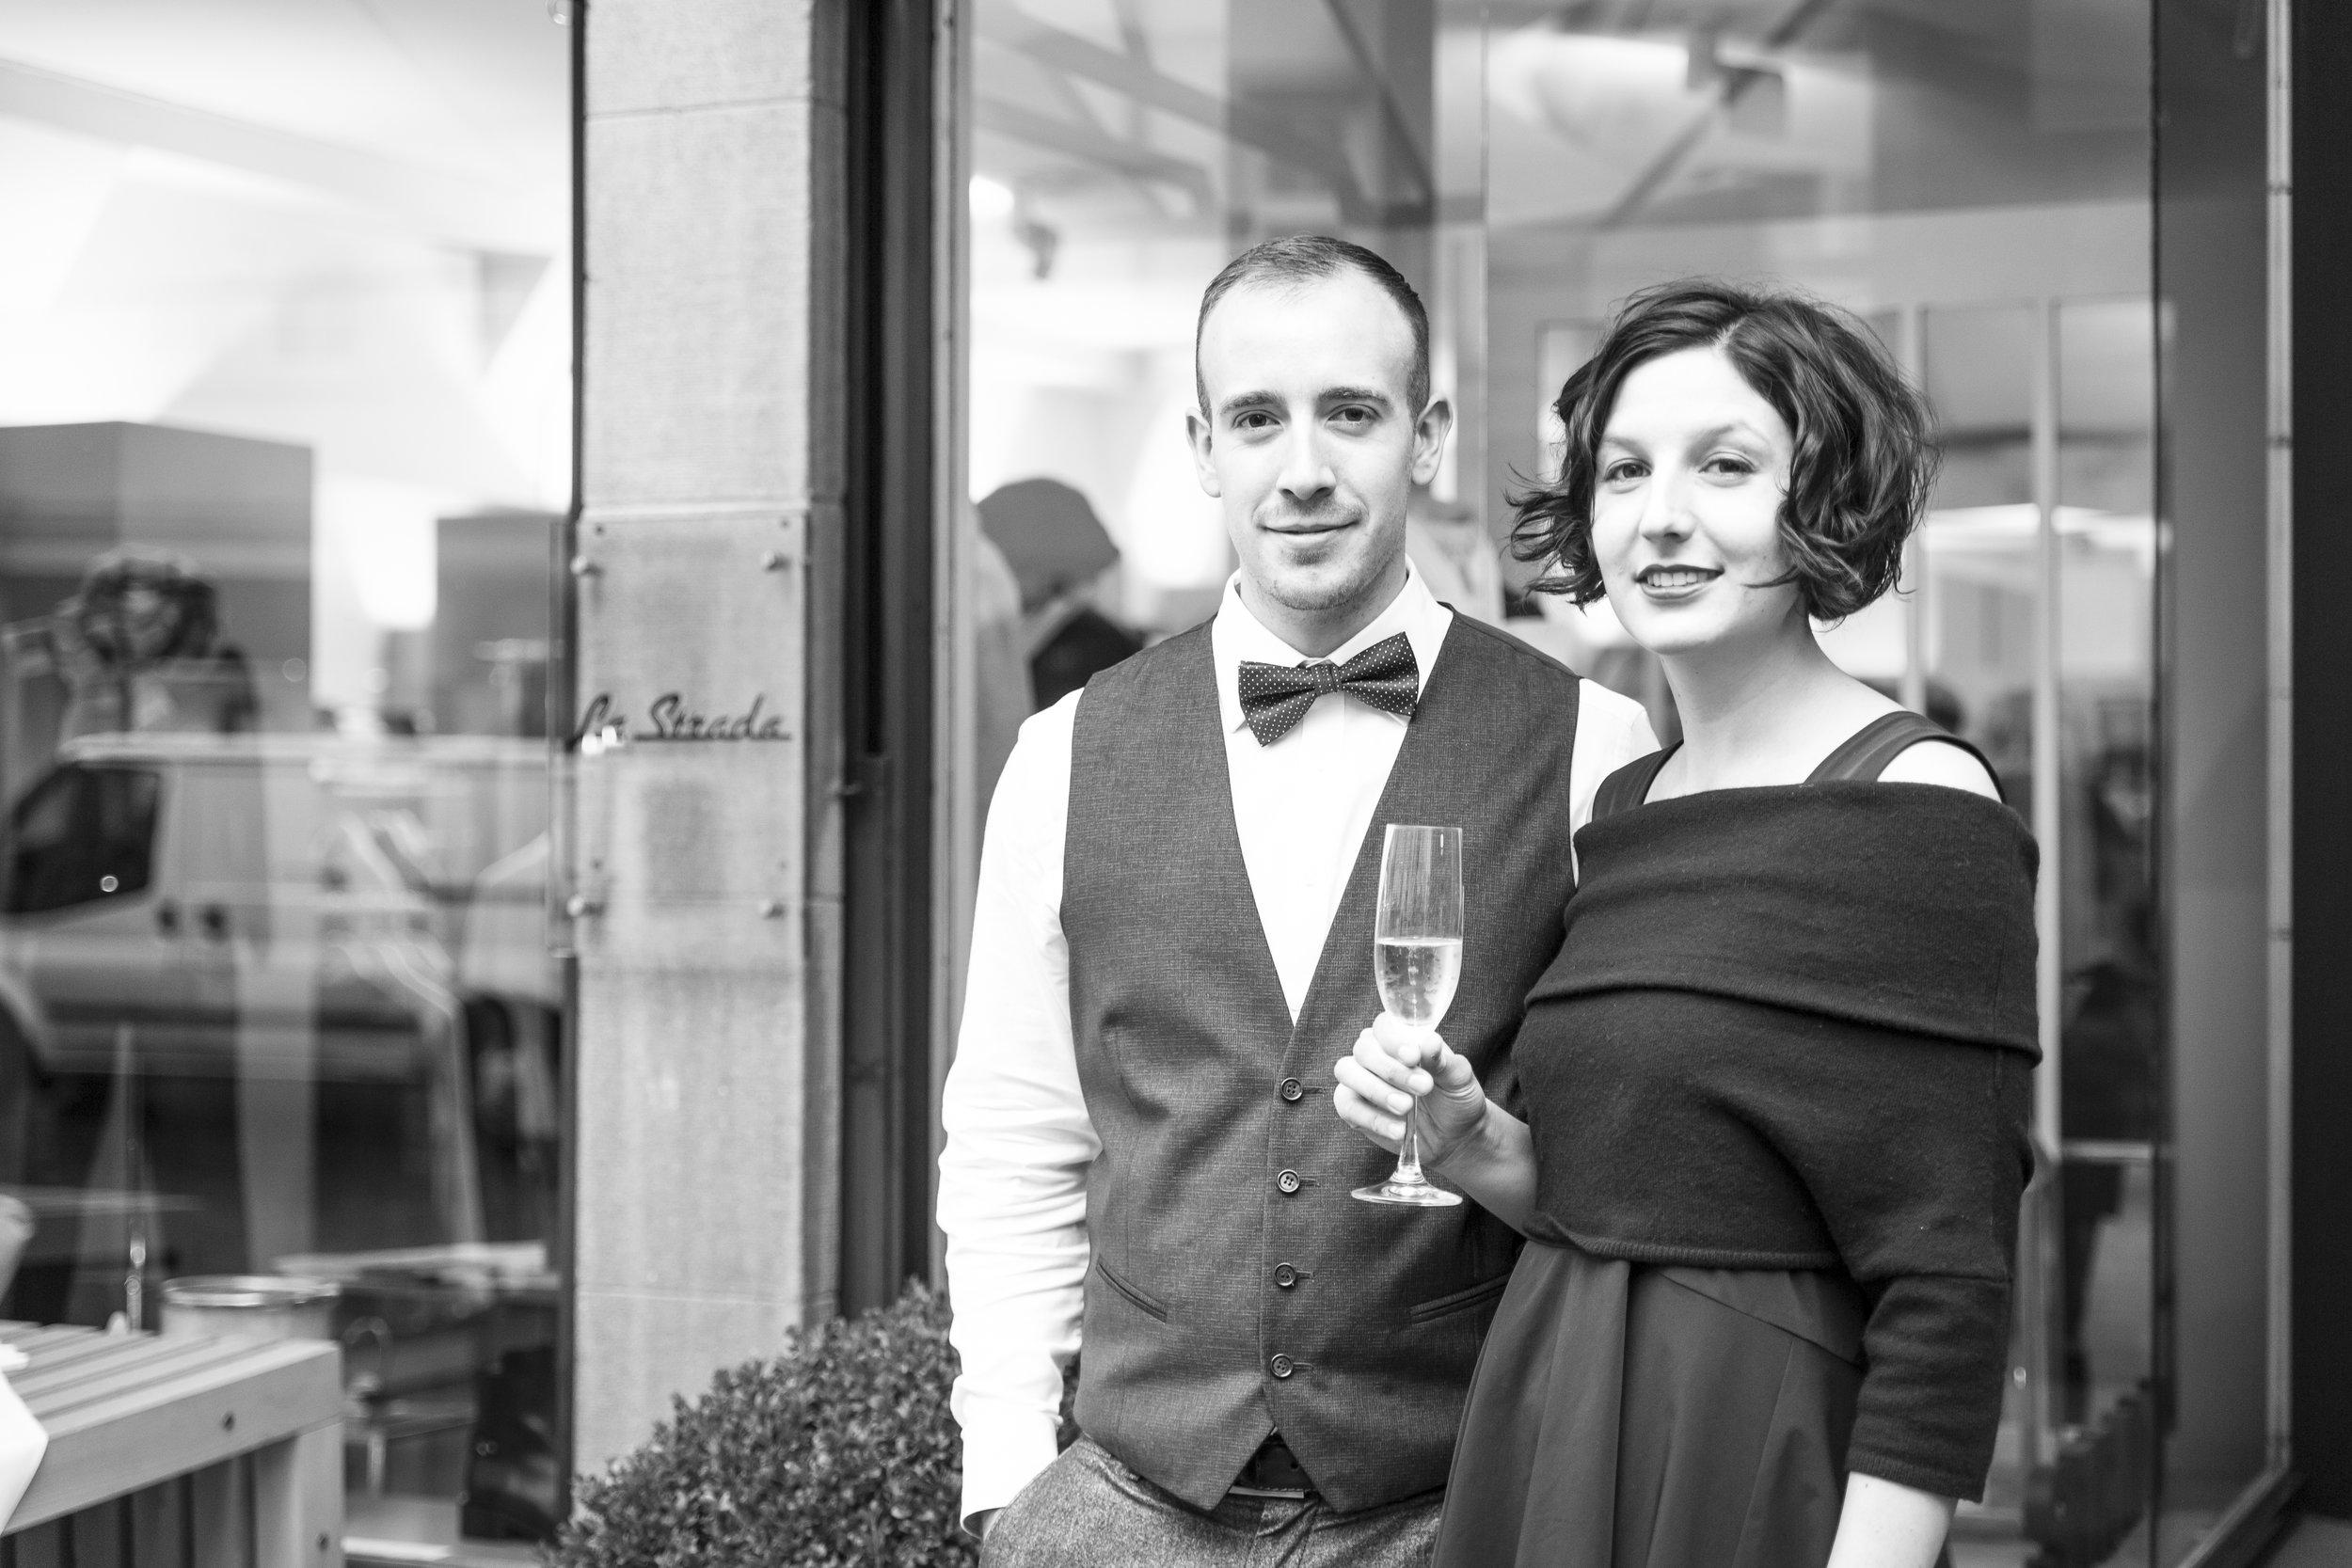 Eröffnungs Apéro La Strada Boutique